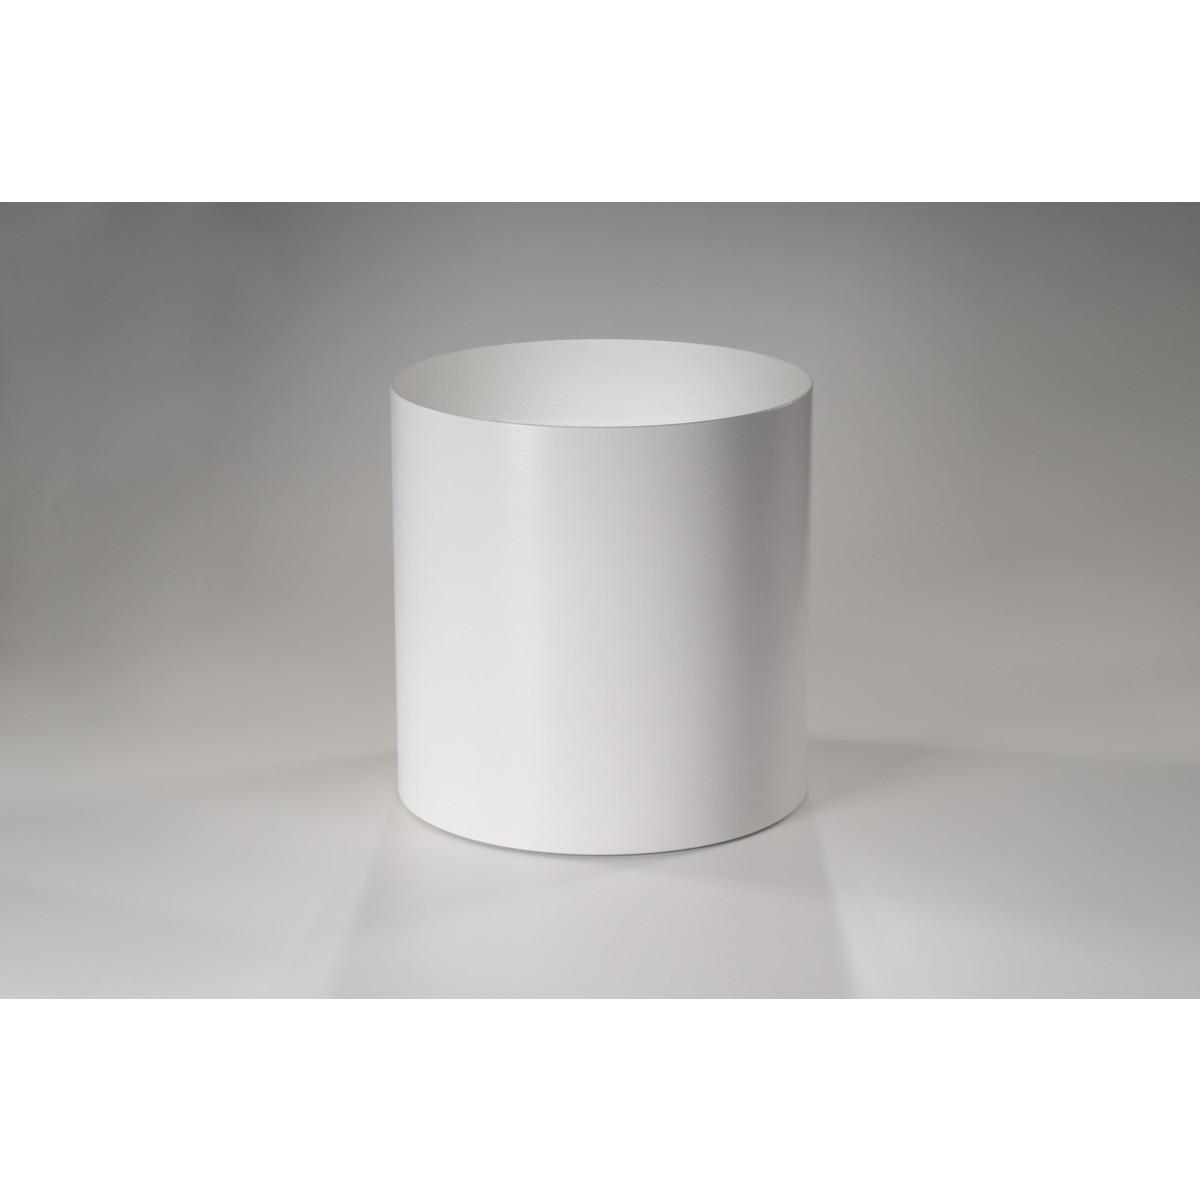 Lupadesign LOOPO, weiss - Beistelltisch - Hocker - Möbel